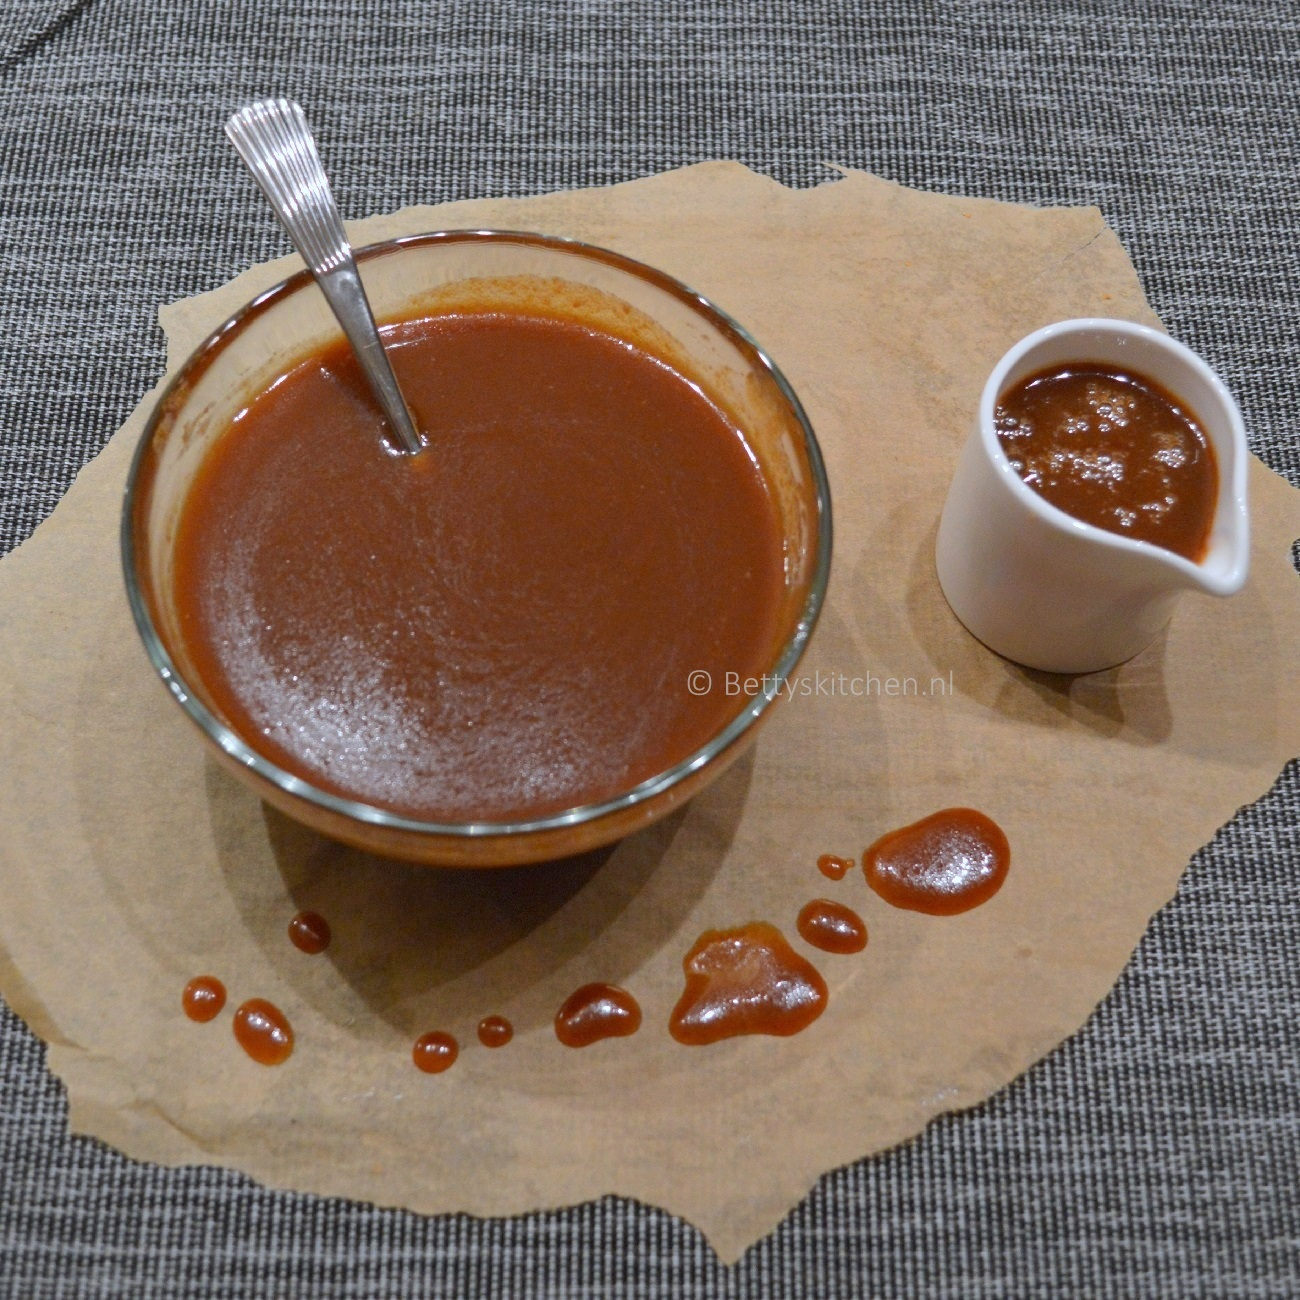 Zelf karamelsaus maken